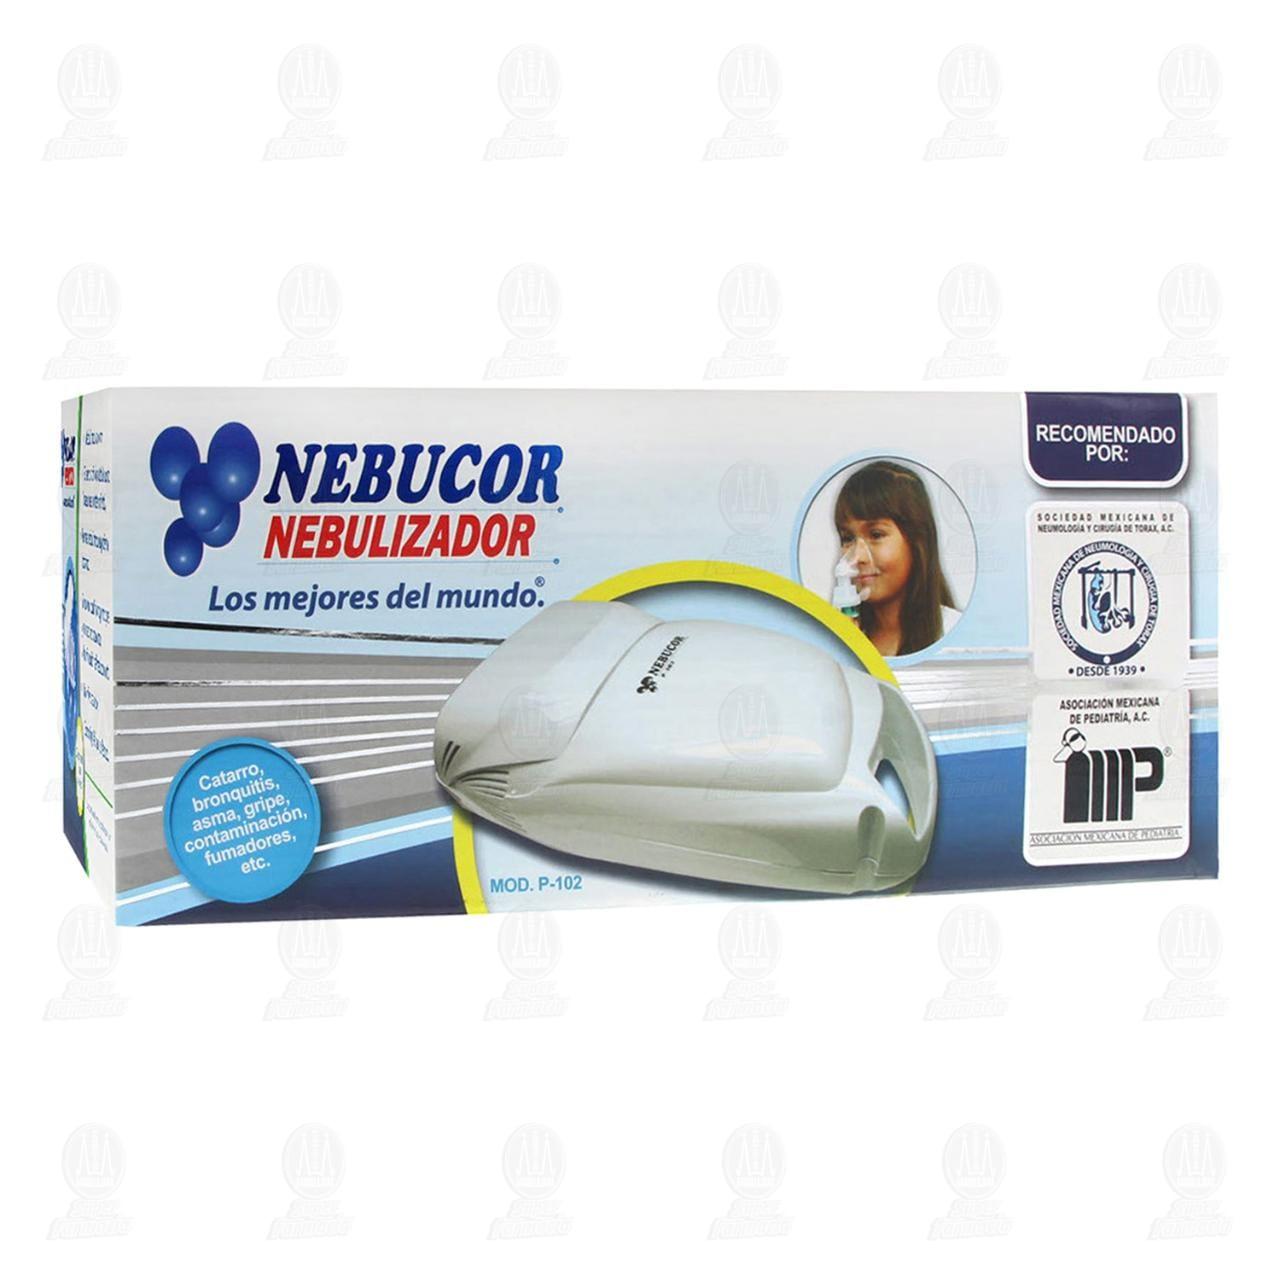 Nebulizador Nebucor De Compresor P102